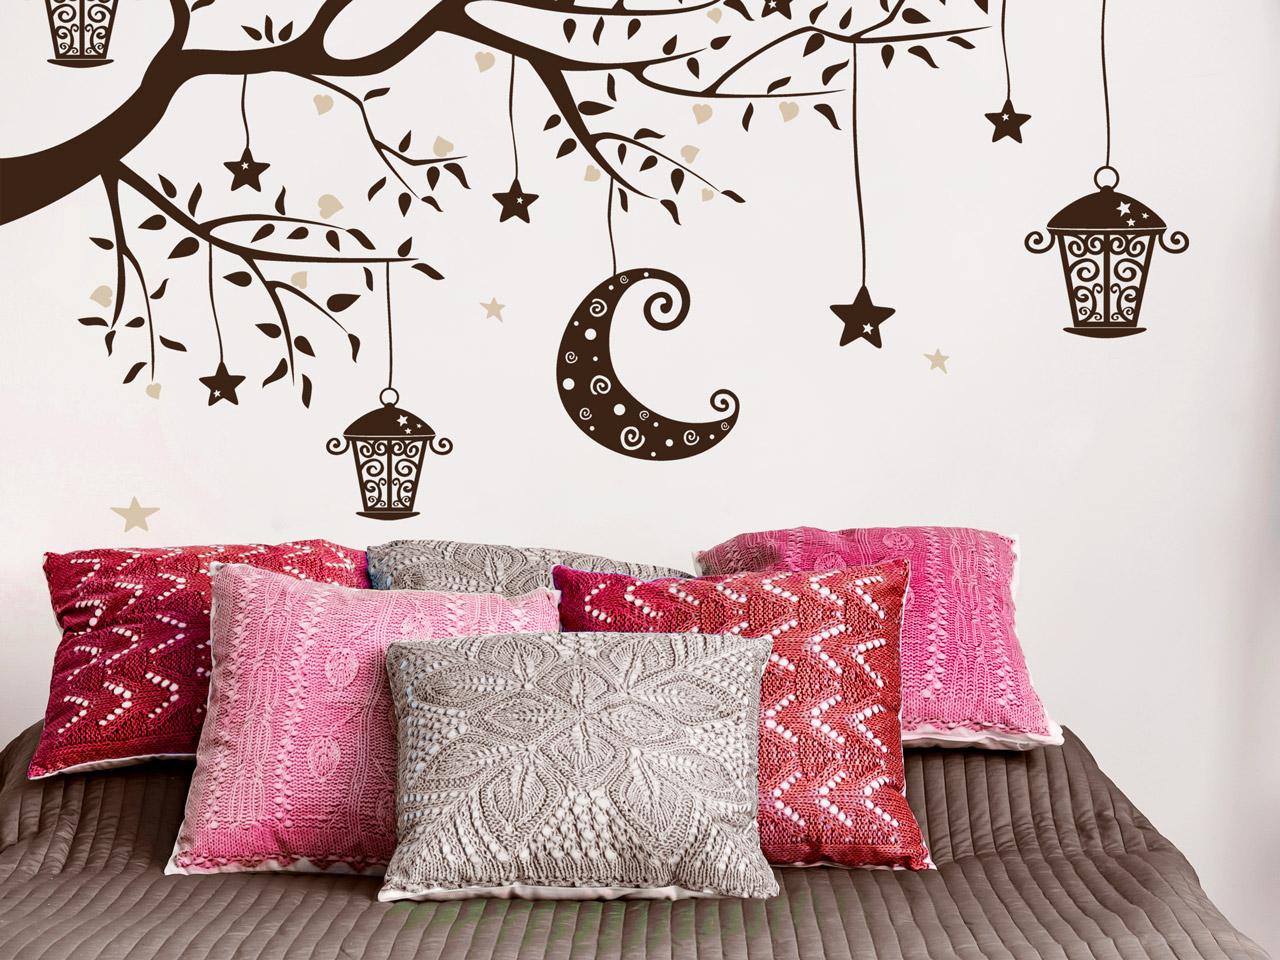 Orientalisches schlafzimmer einrichtungsideen - Wandtattoo orientalisch ...